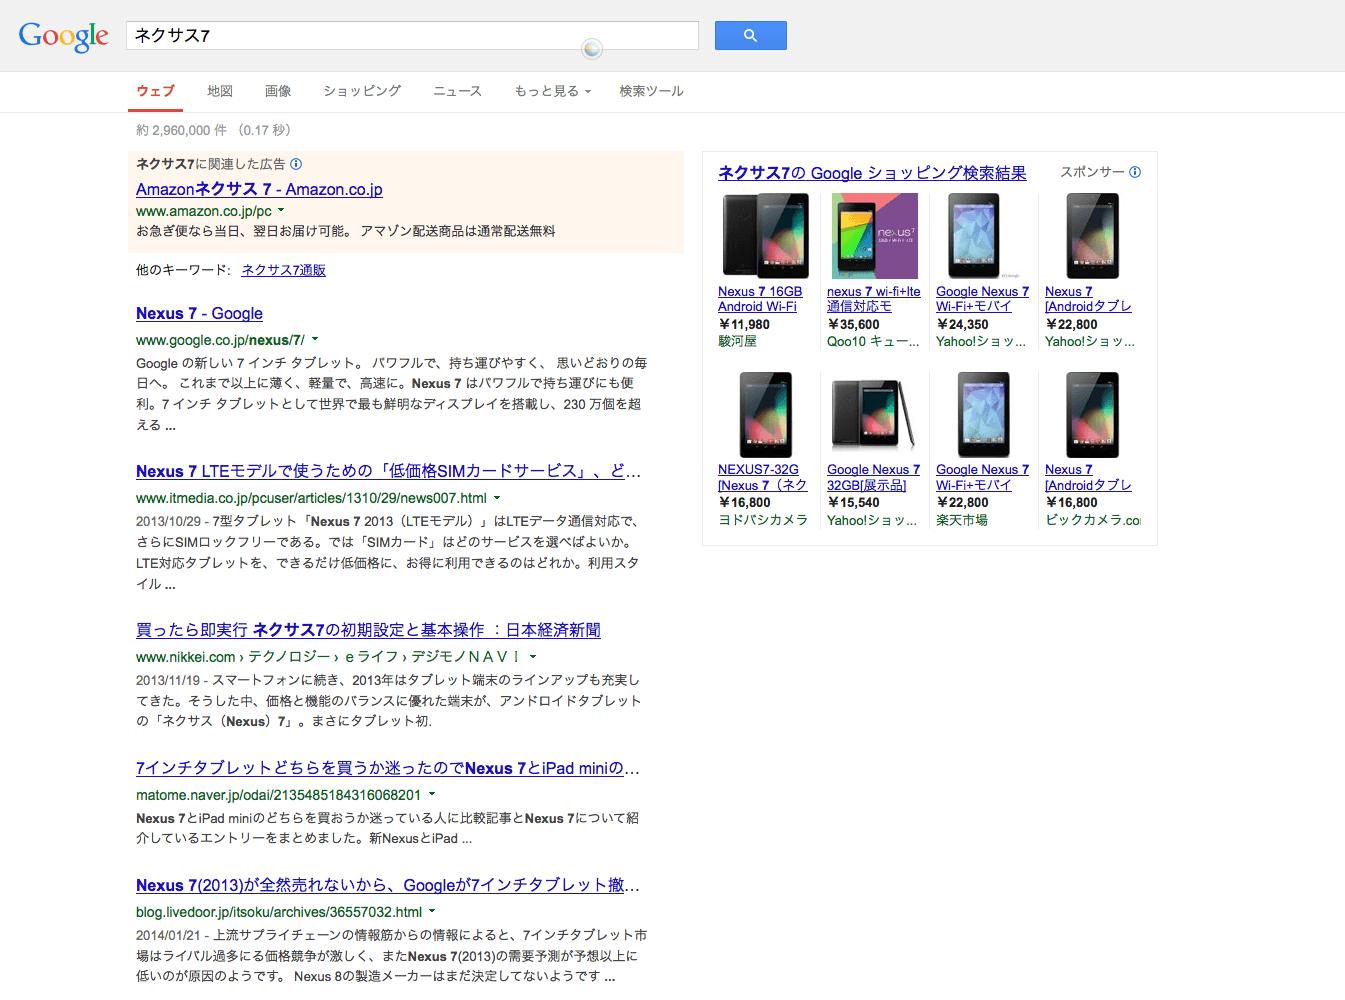 Nexus7の検索結果